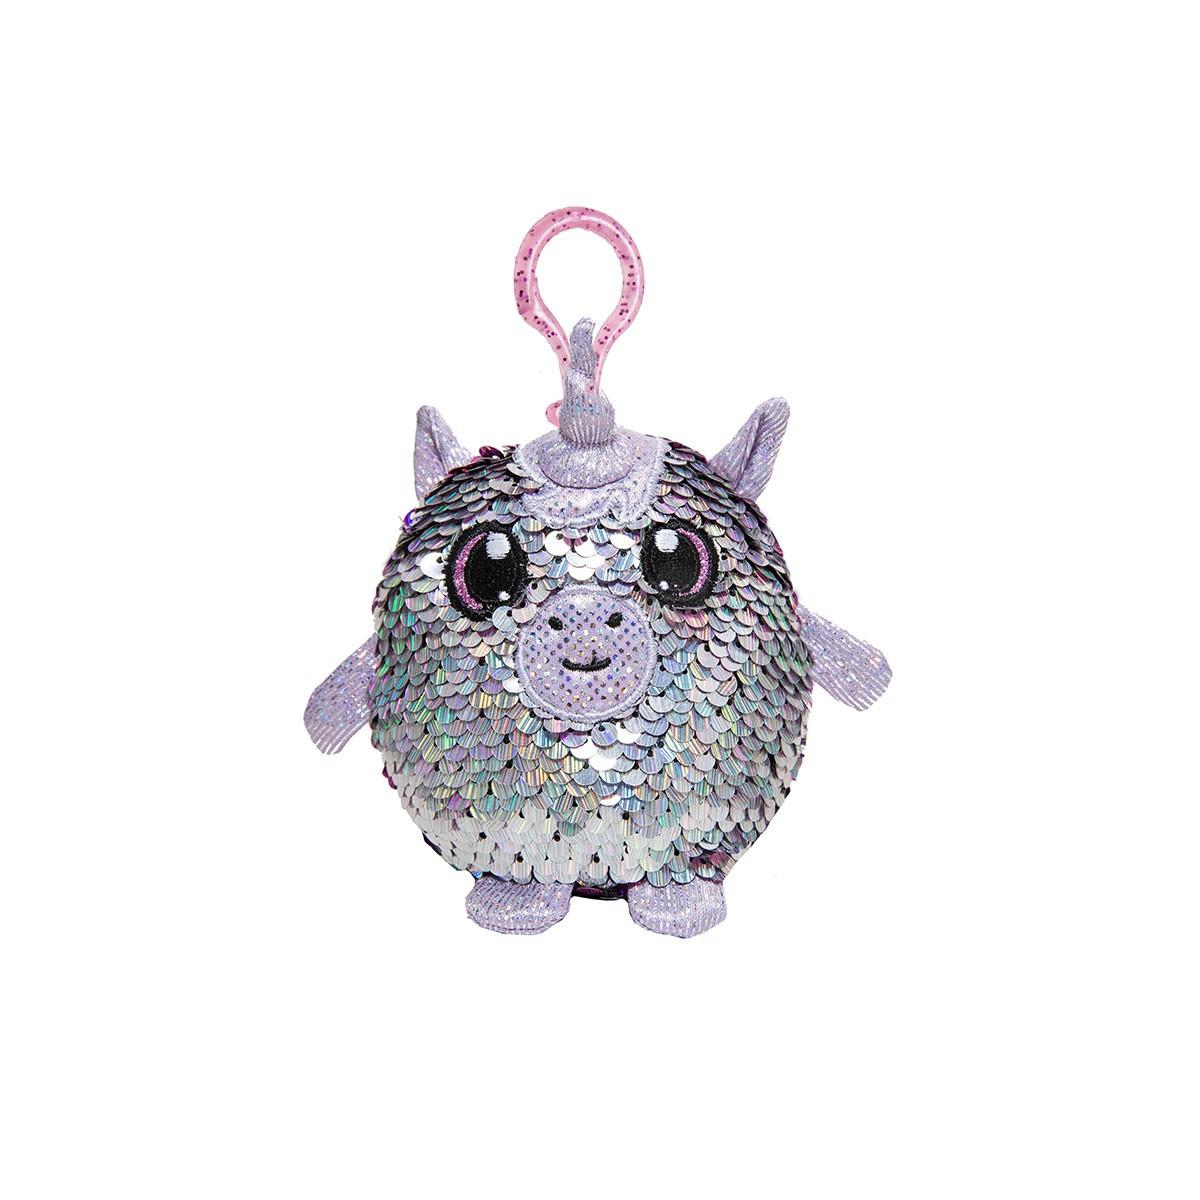 М'яка Іграшка з паєтками Shimmeez S2 - Мрійливий Єдиноріг (9 см, на клипсі)